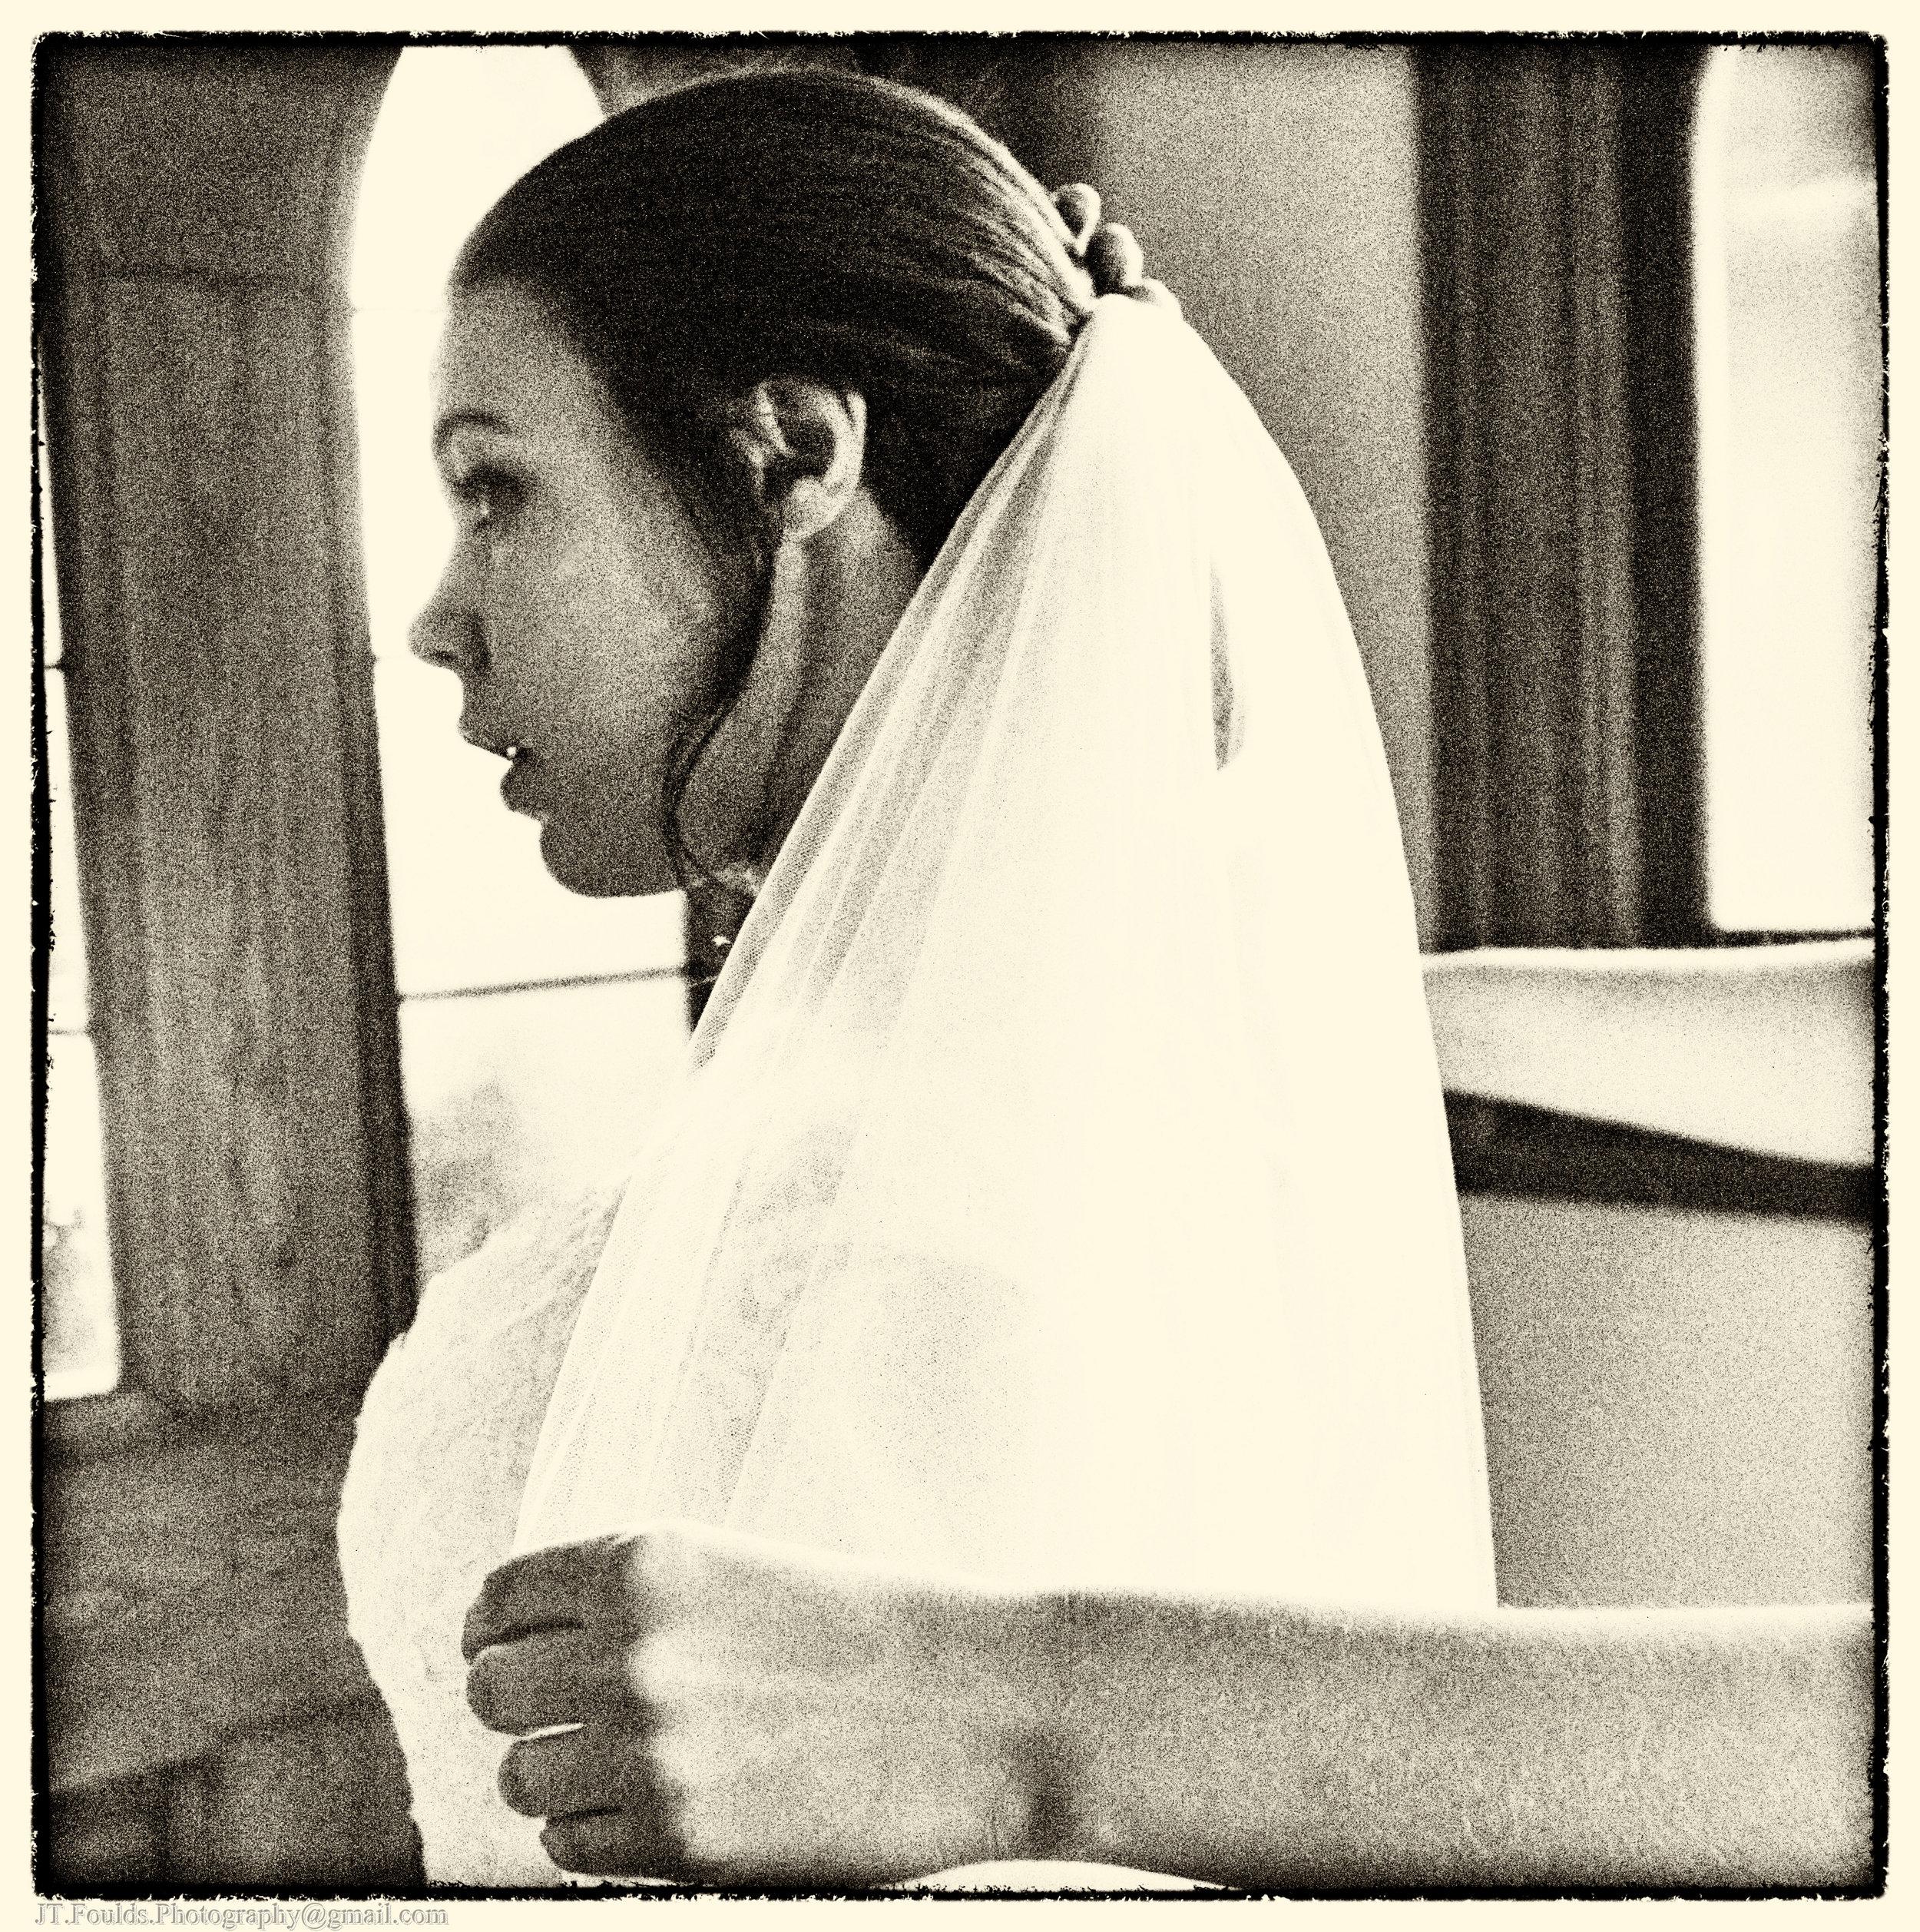 Halos - Jean Wedding - 02 July 2016 - It Begins - 037 (old).JPG